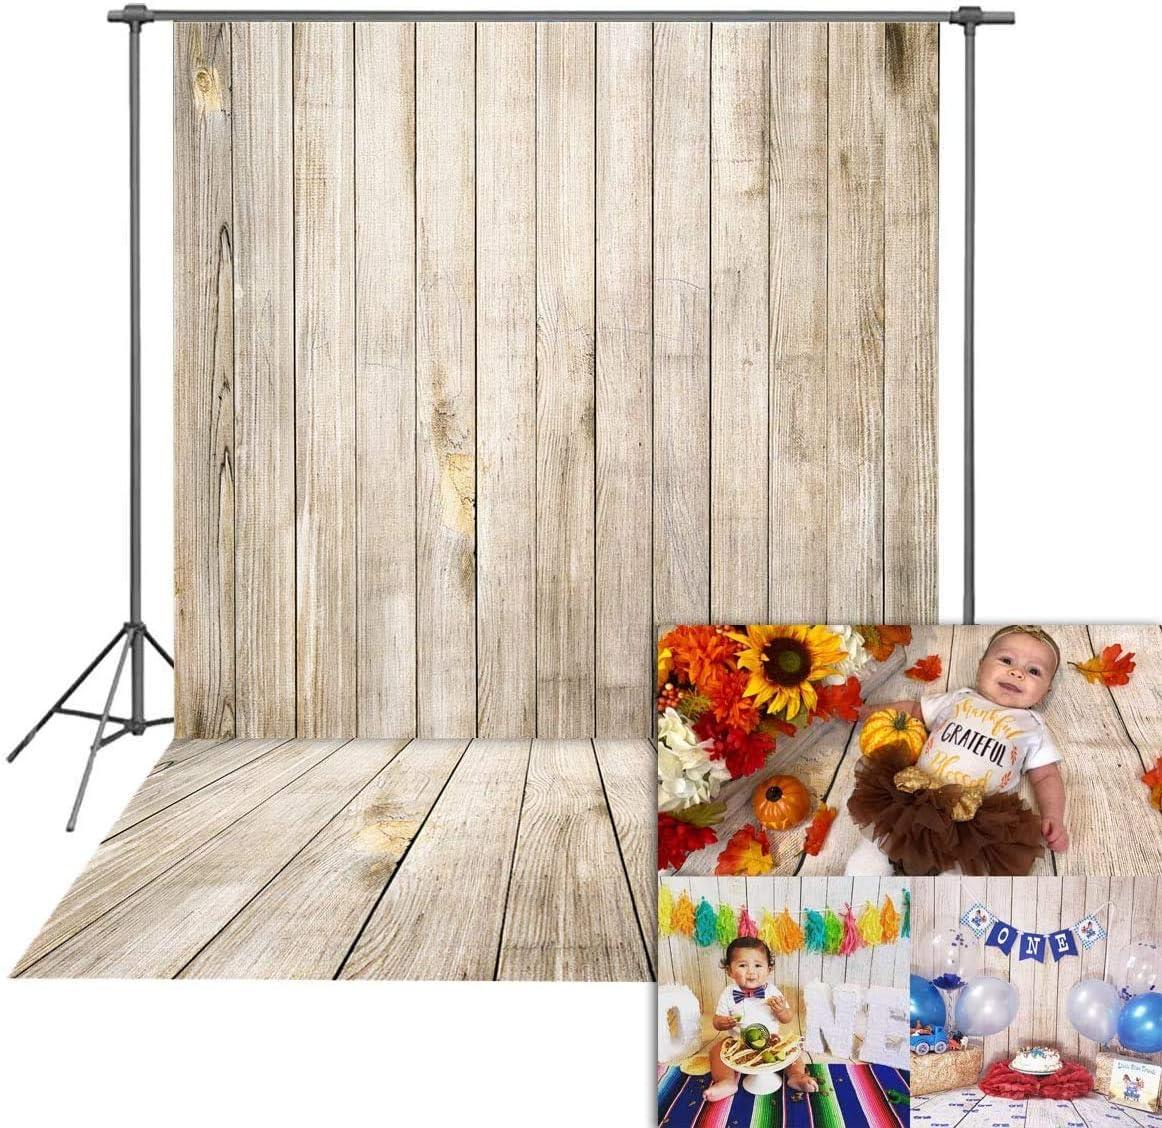 KateHome PHOTOSTUDIOS 1,5x2,2m Fond Retro Photographie Fond Vintage Marron Mur Microfibre Plancher en Bois pour Toiles de Fond de Studio Photo